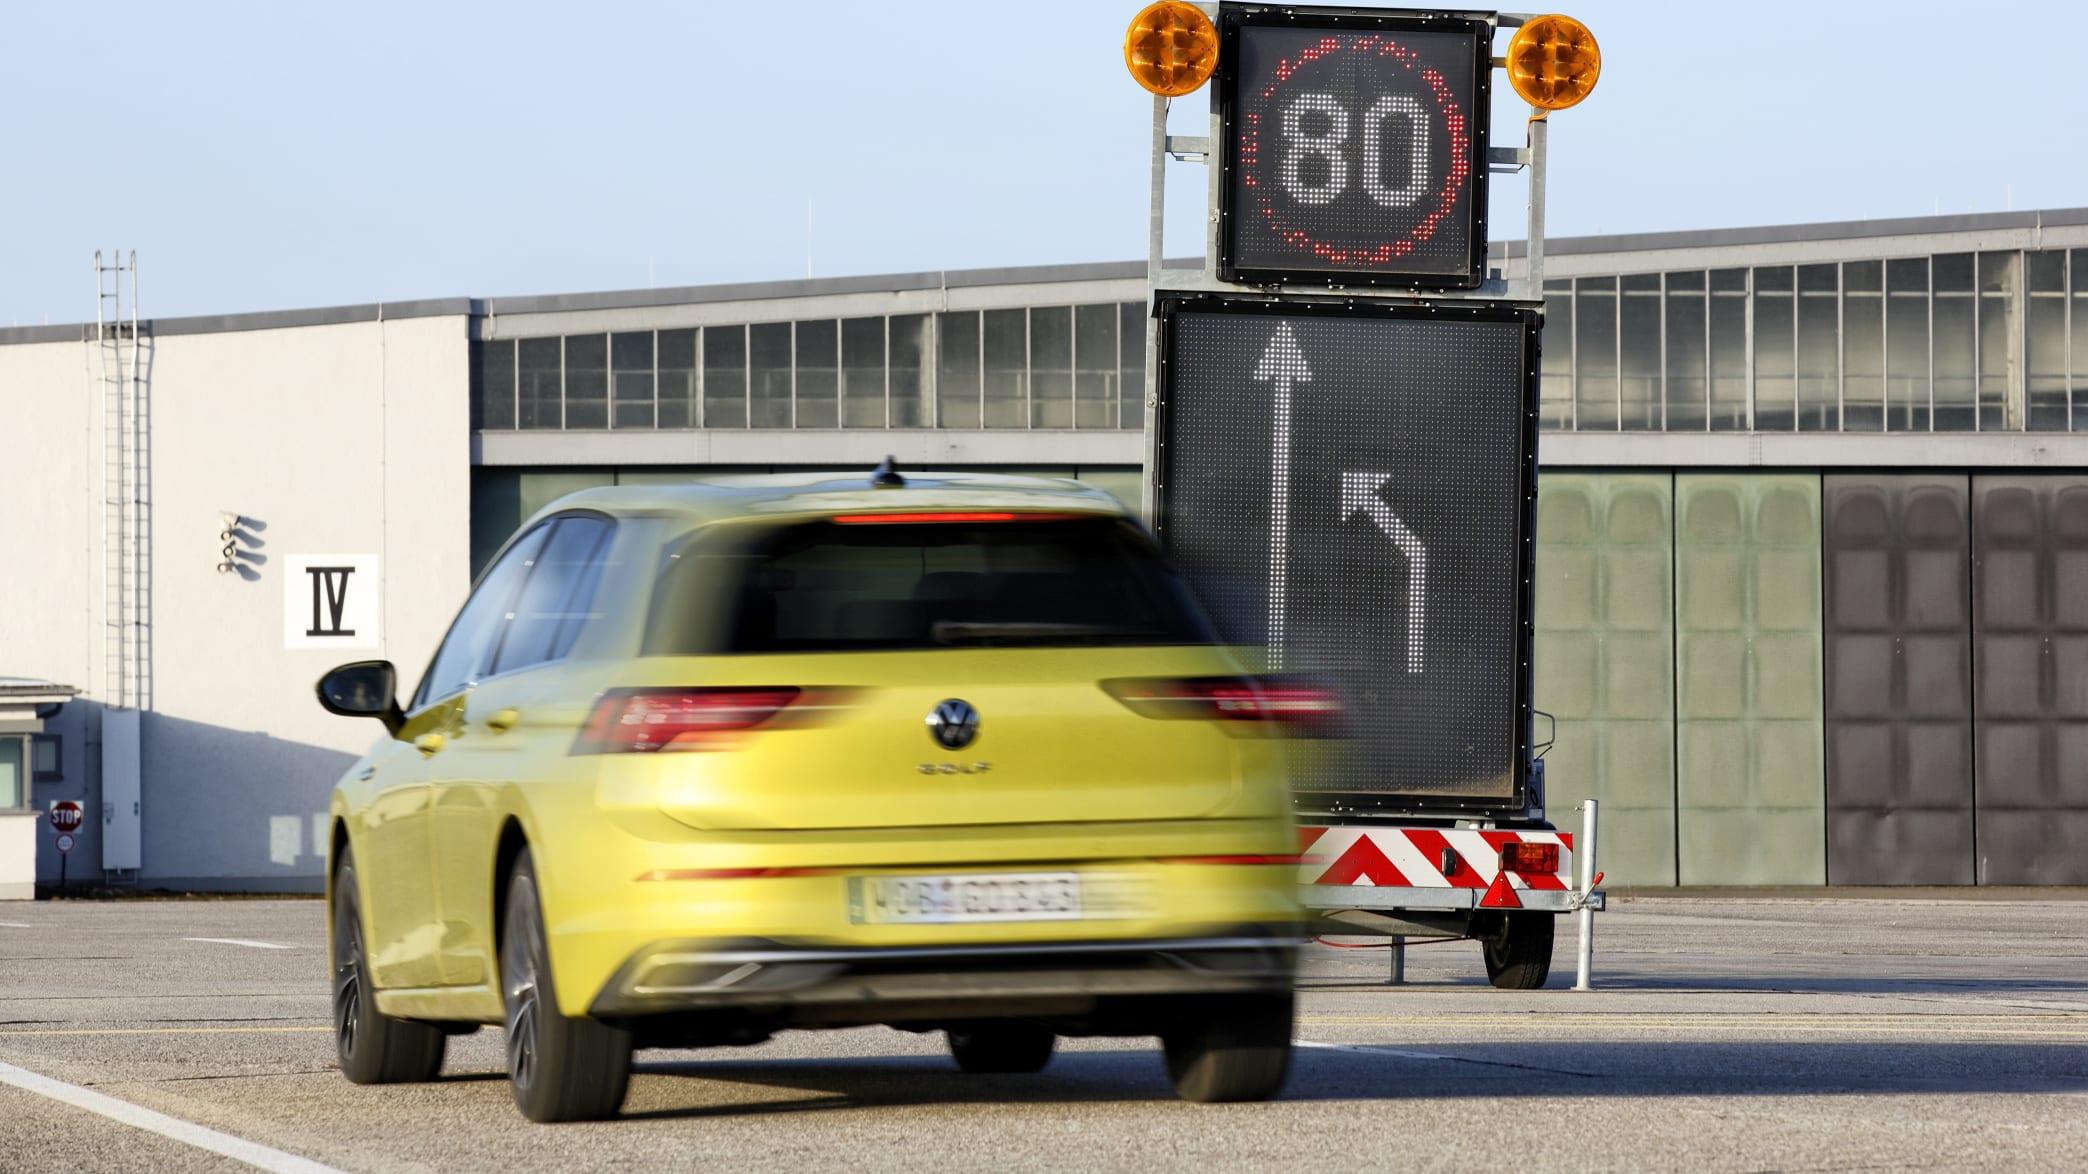 Fahrversuche Car2X in Penzing Fliegerhorst und Umgebung am am 24.01.2020